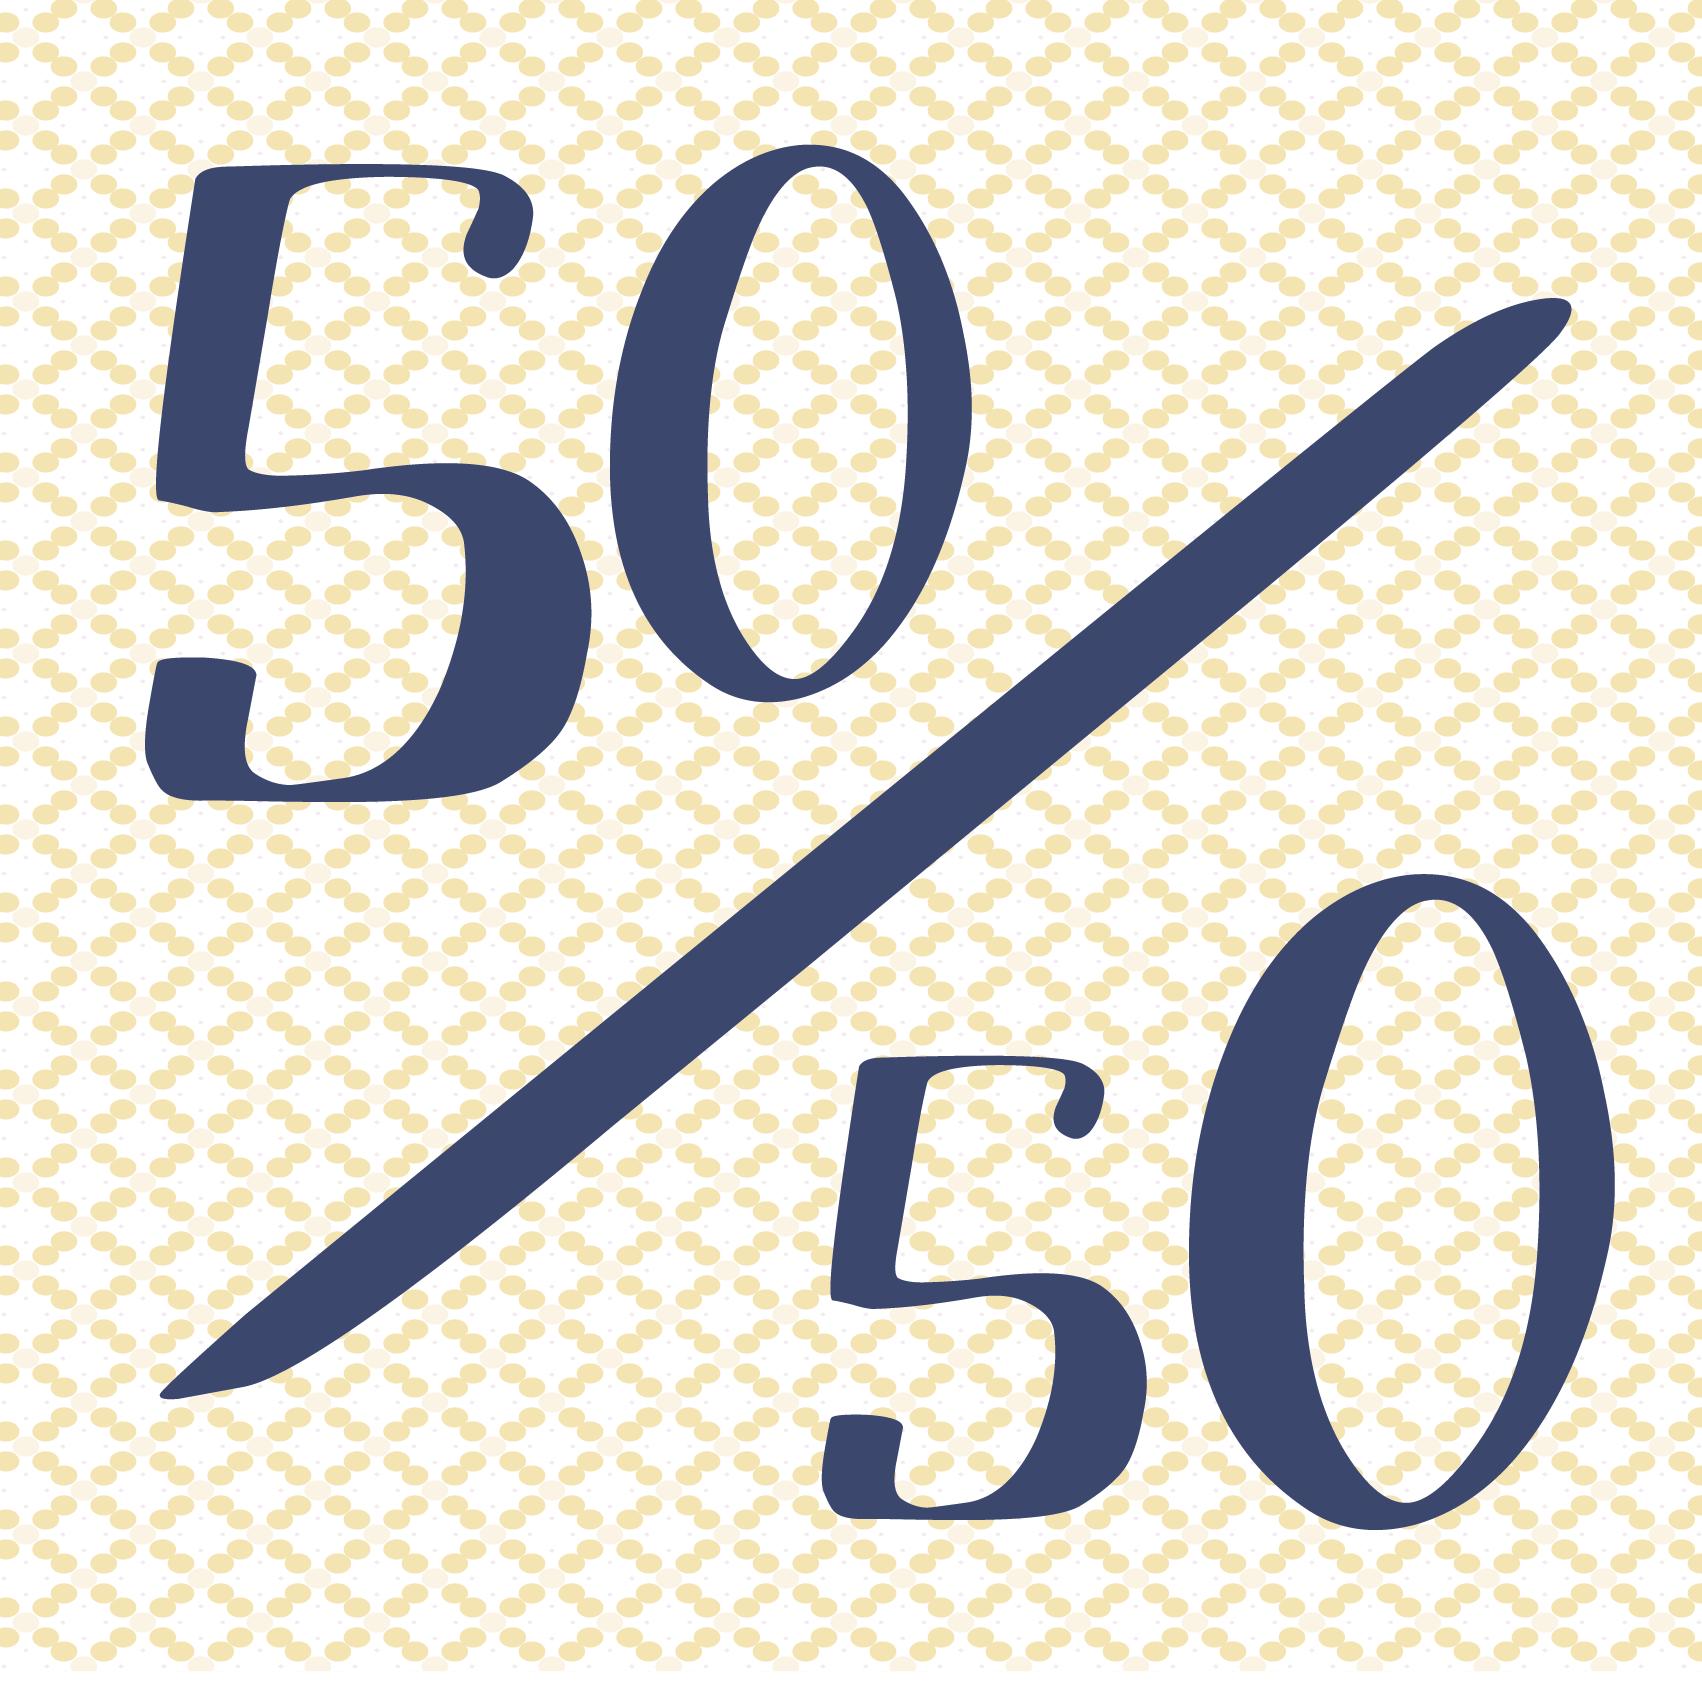 Soephoofd-50-50-vierkant-02